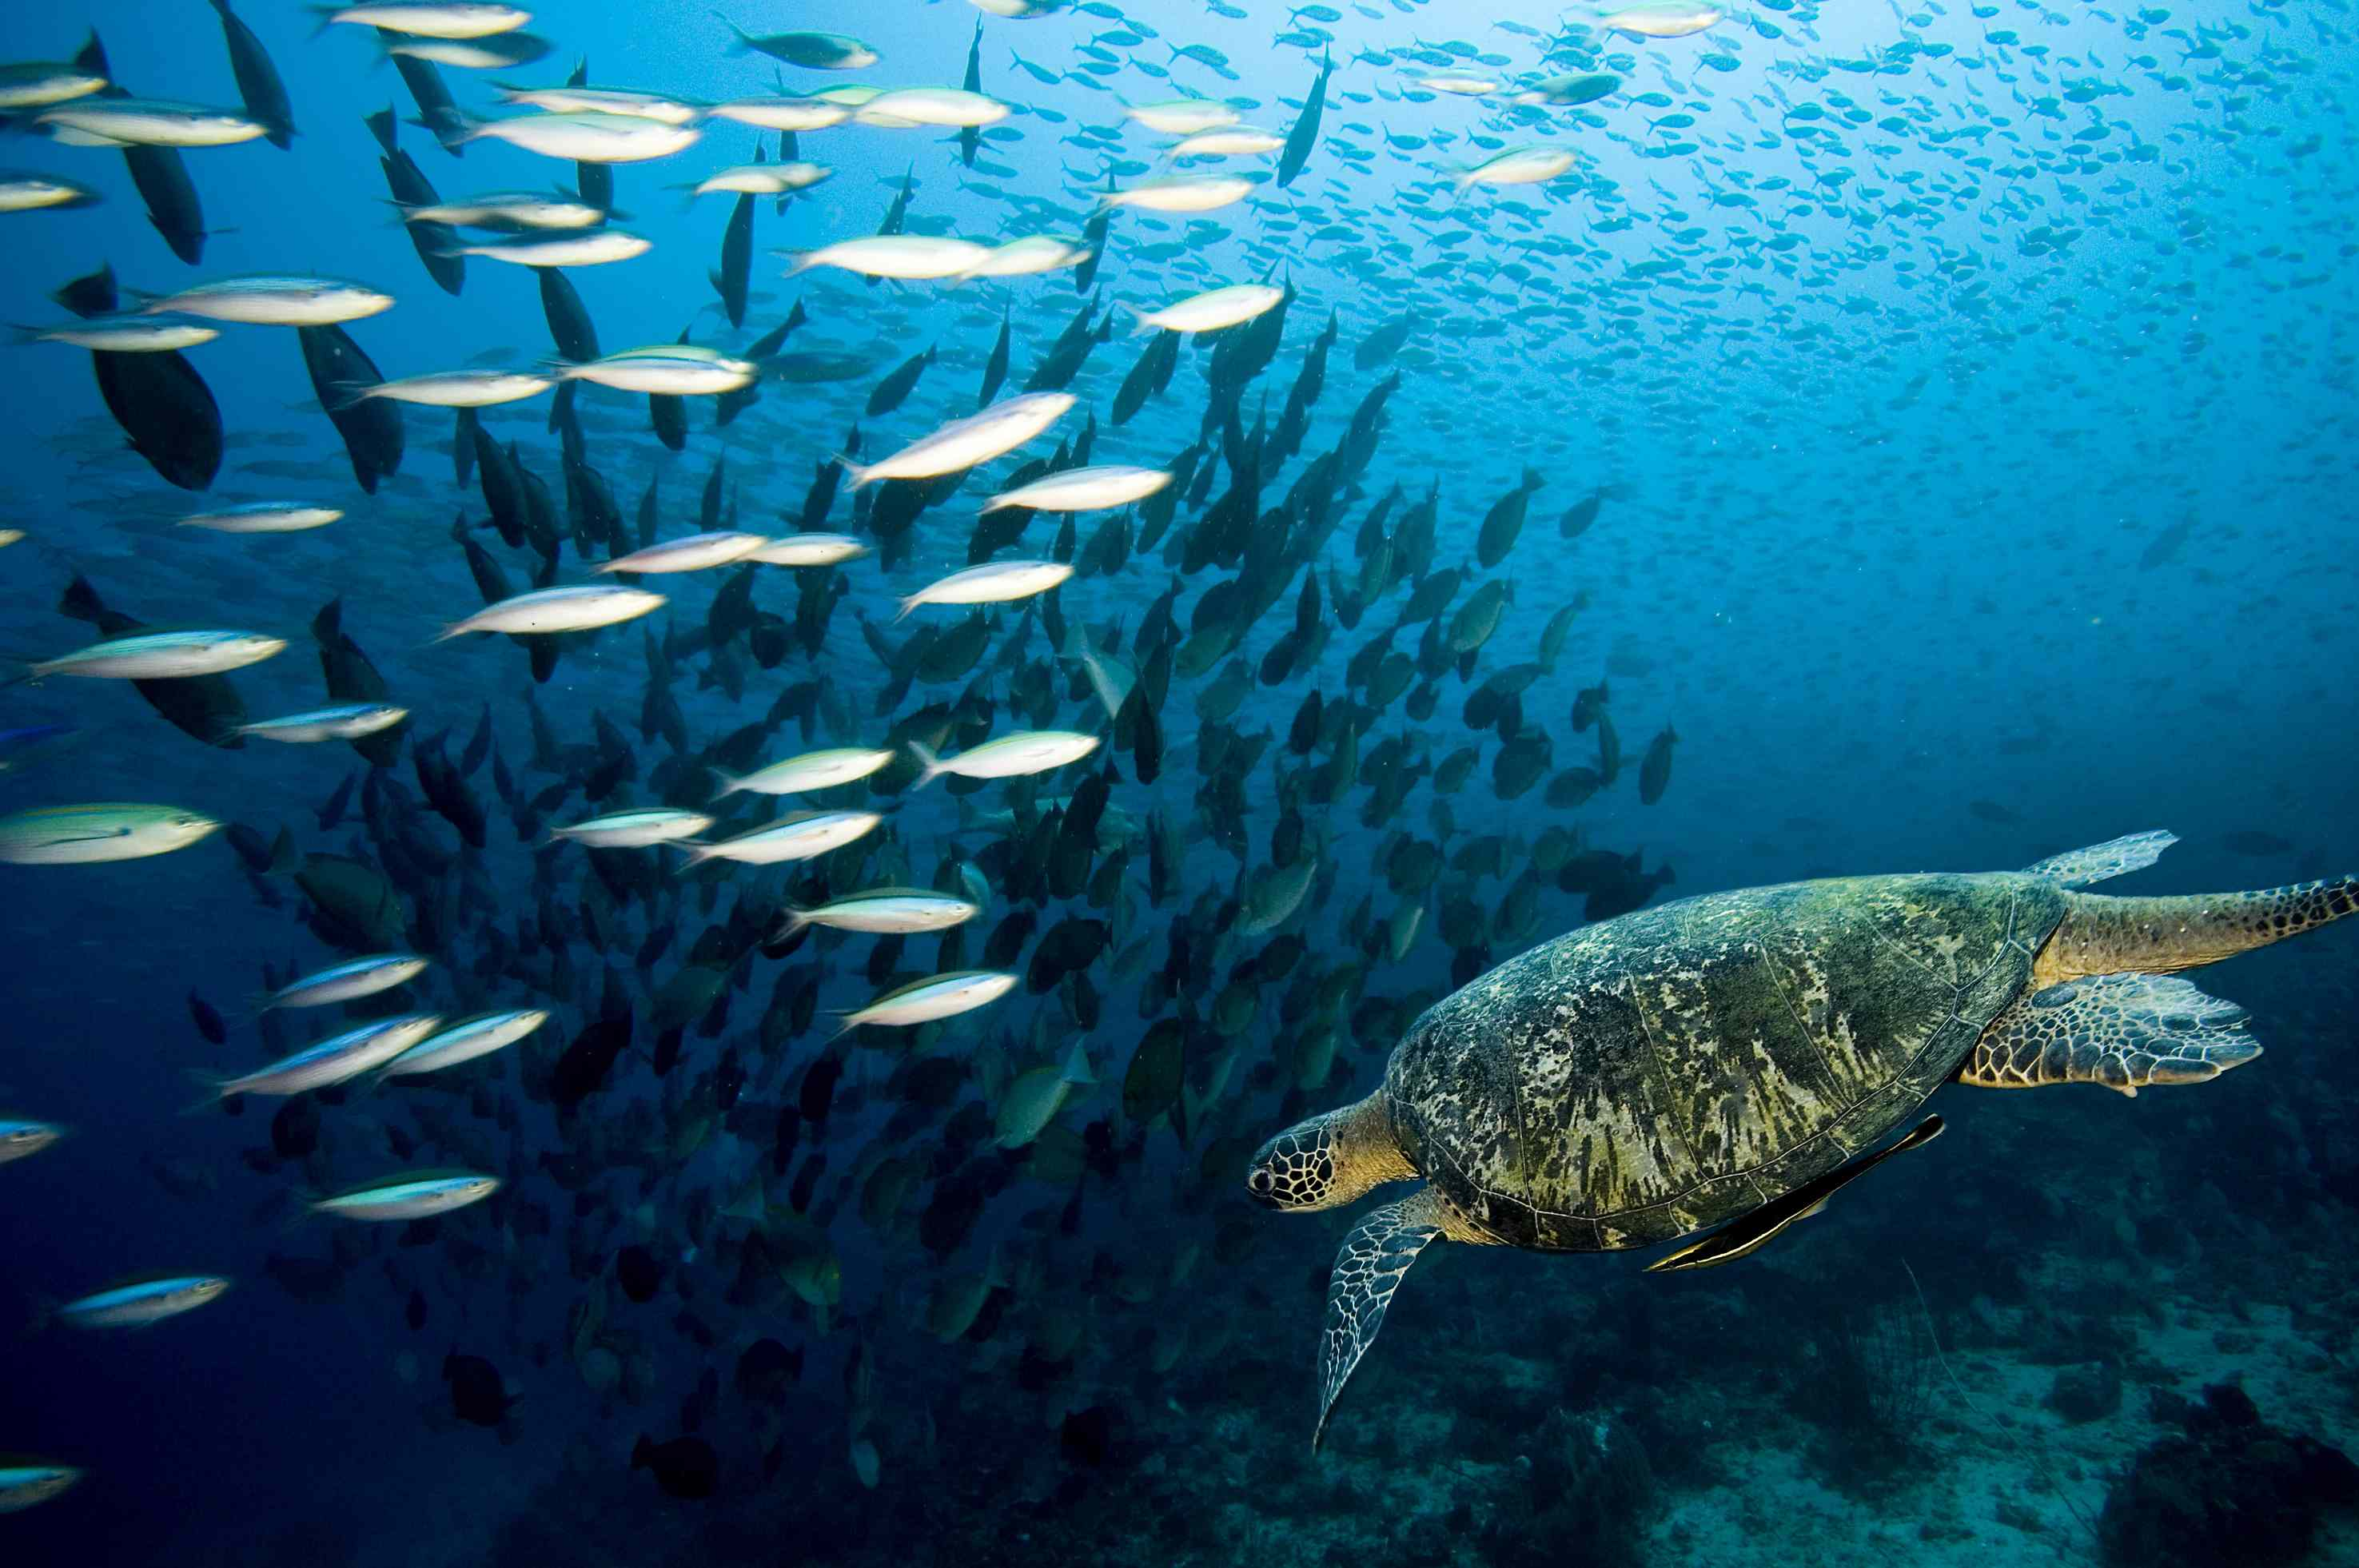 Caretta Caretta Turtle